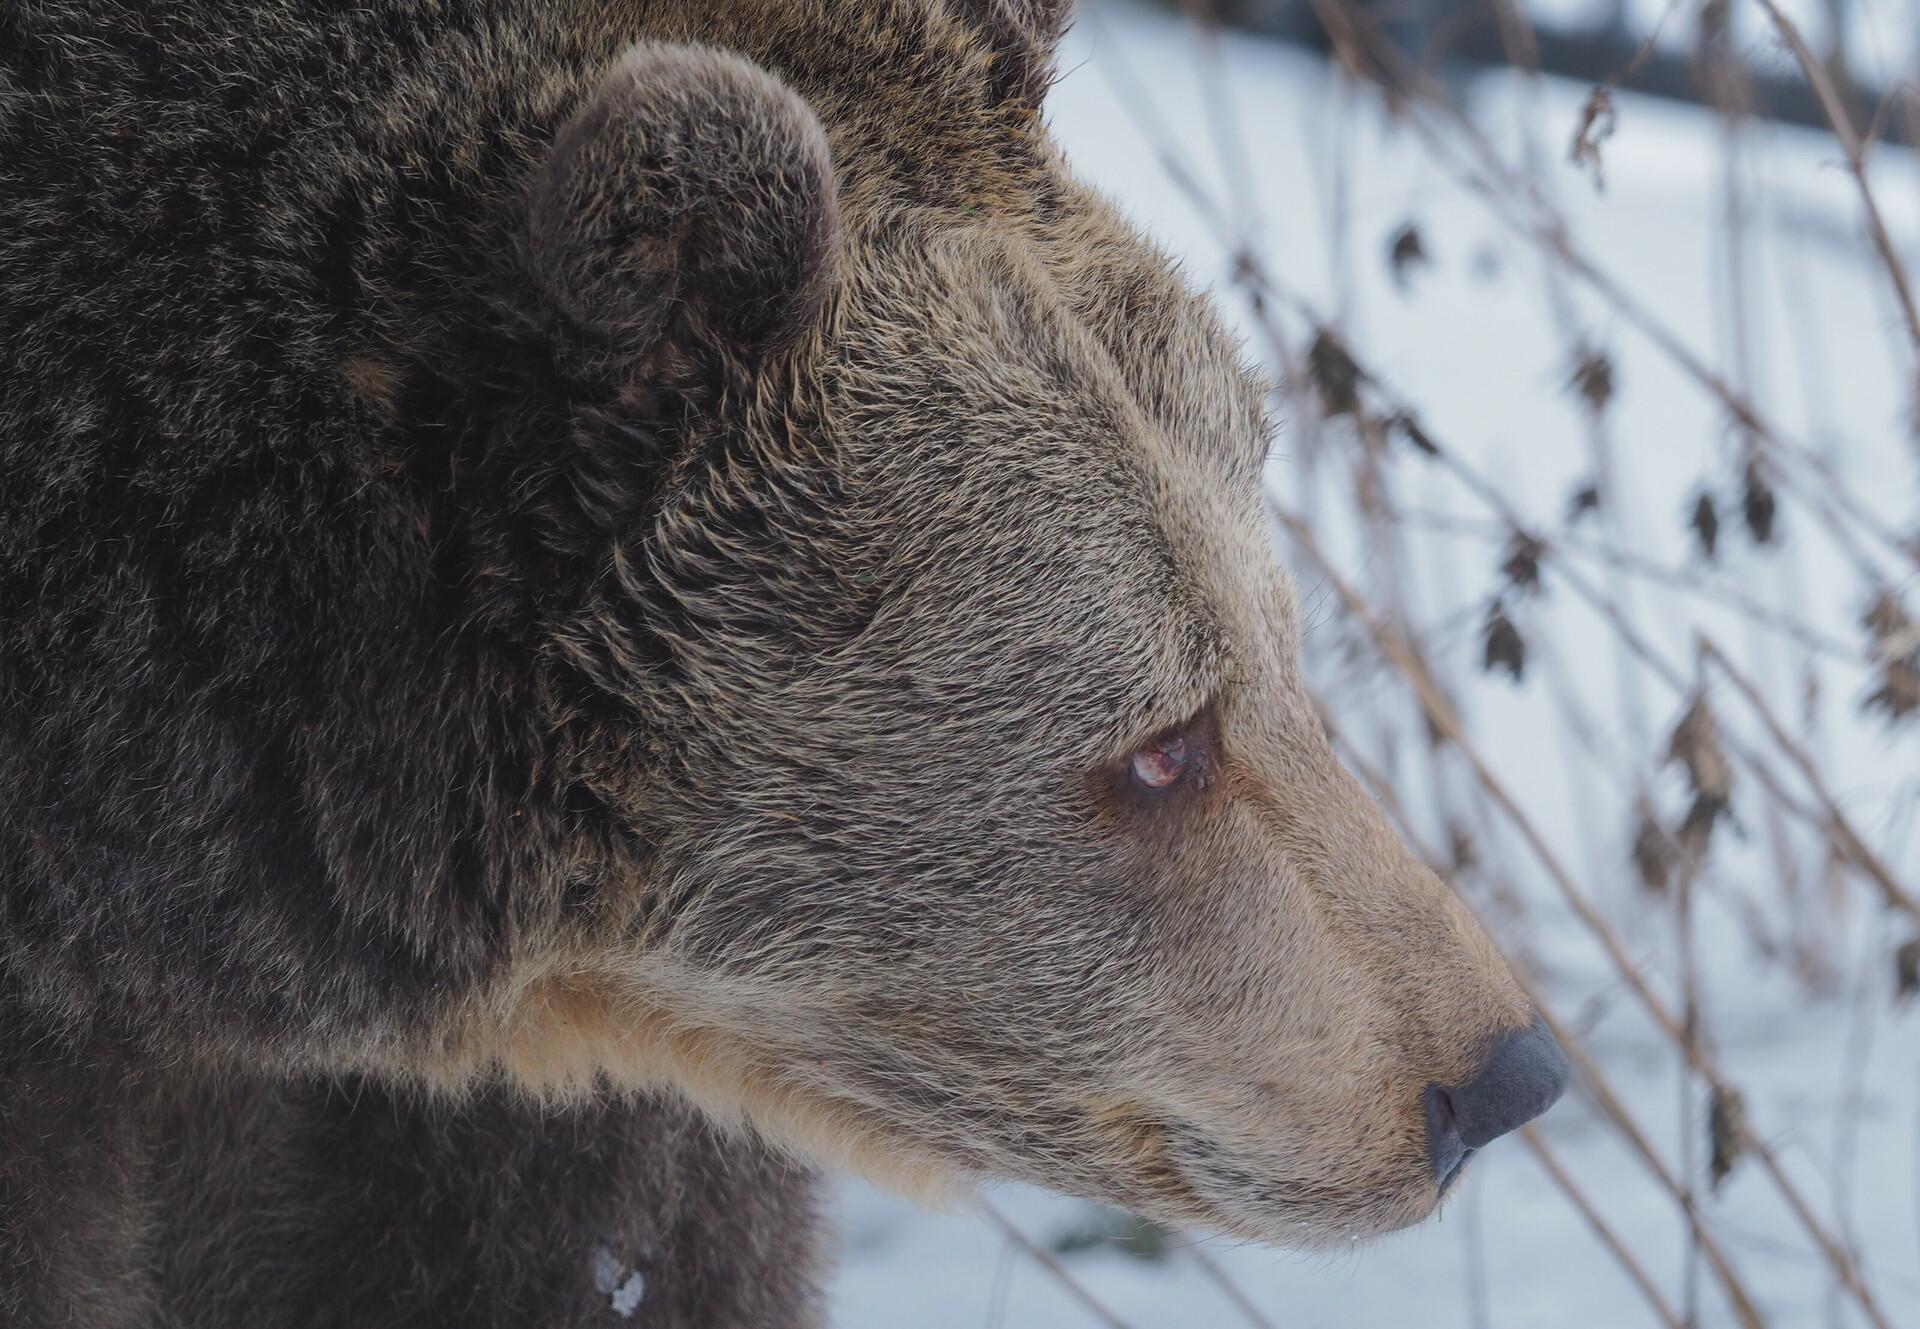 Braunbärin Brumca im Profil, im Hintergrund liegt Schnee